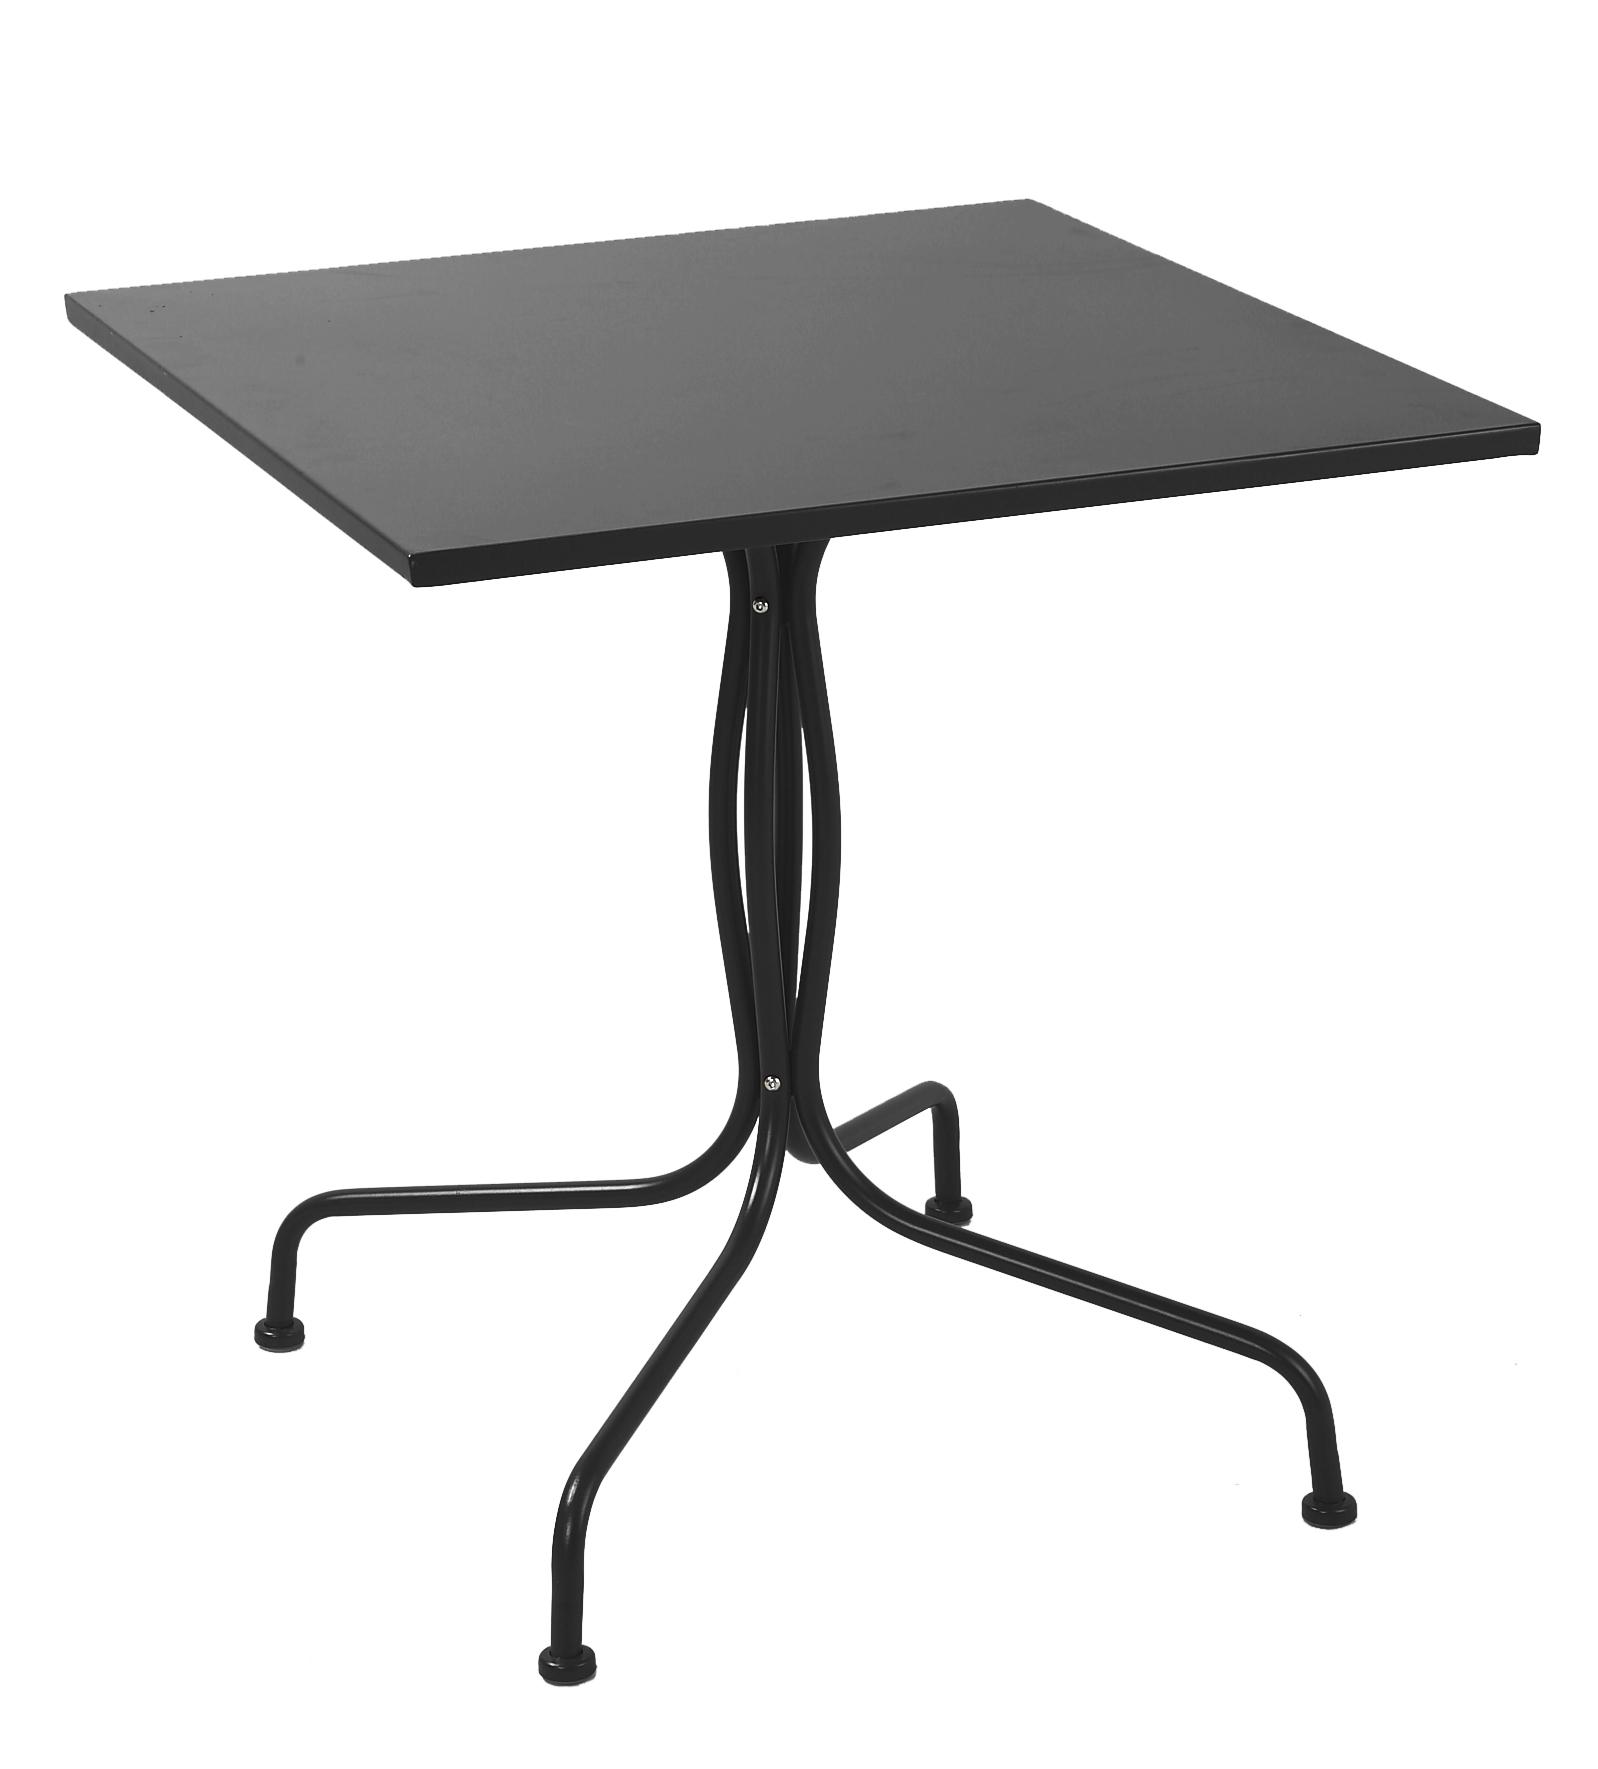 Μεταλλικό Τραπέζι Τετράγωνο Ανθρακί – OEM – 1-TAVOLINO-2